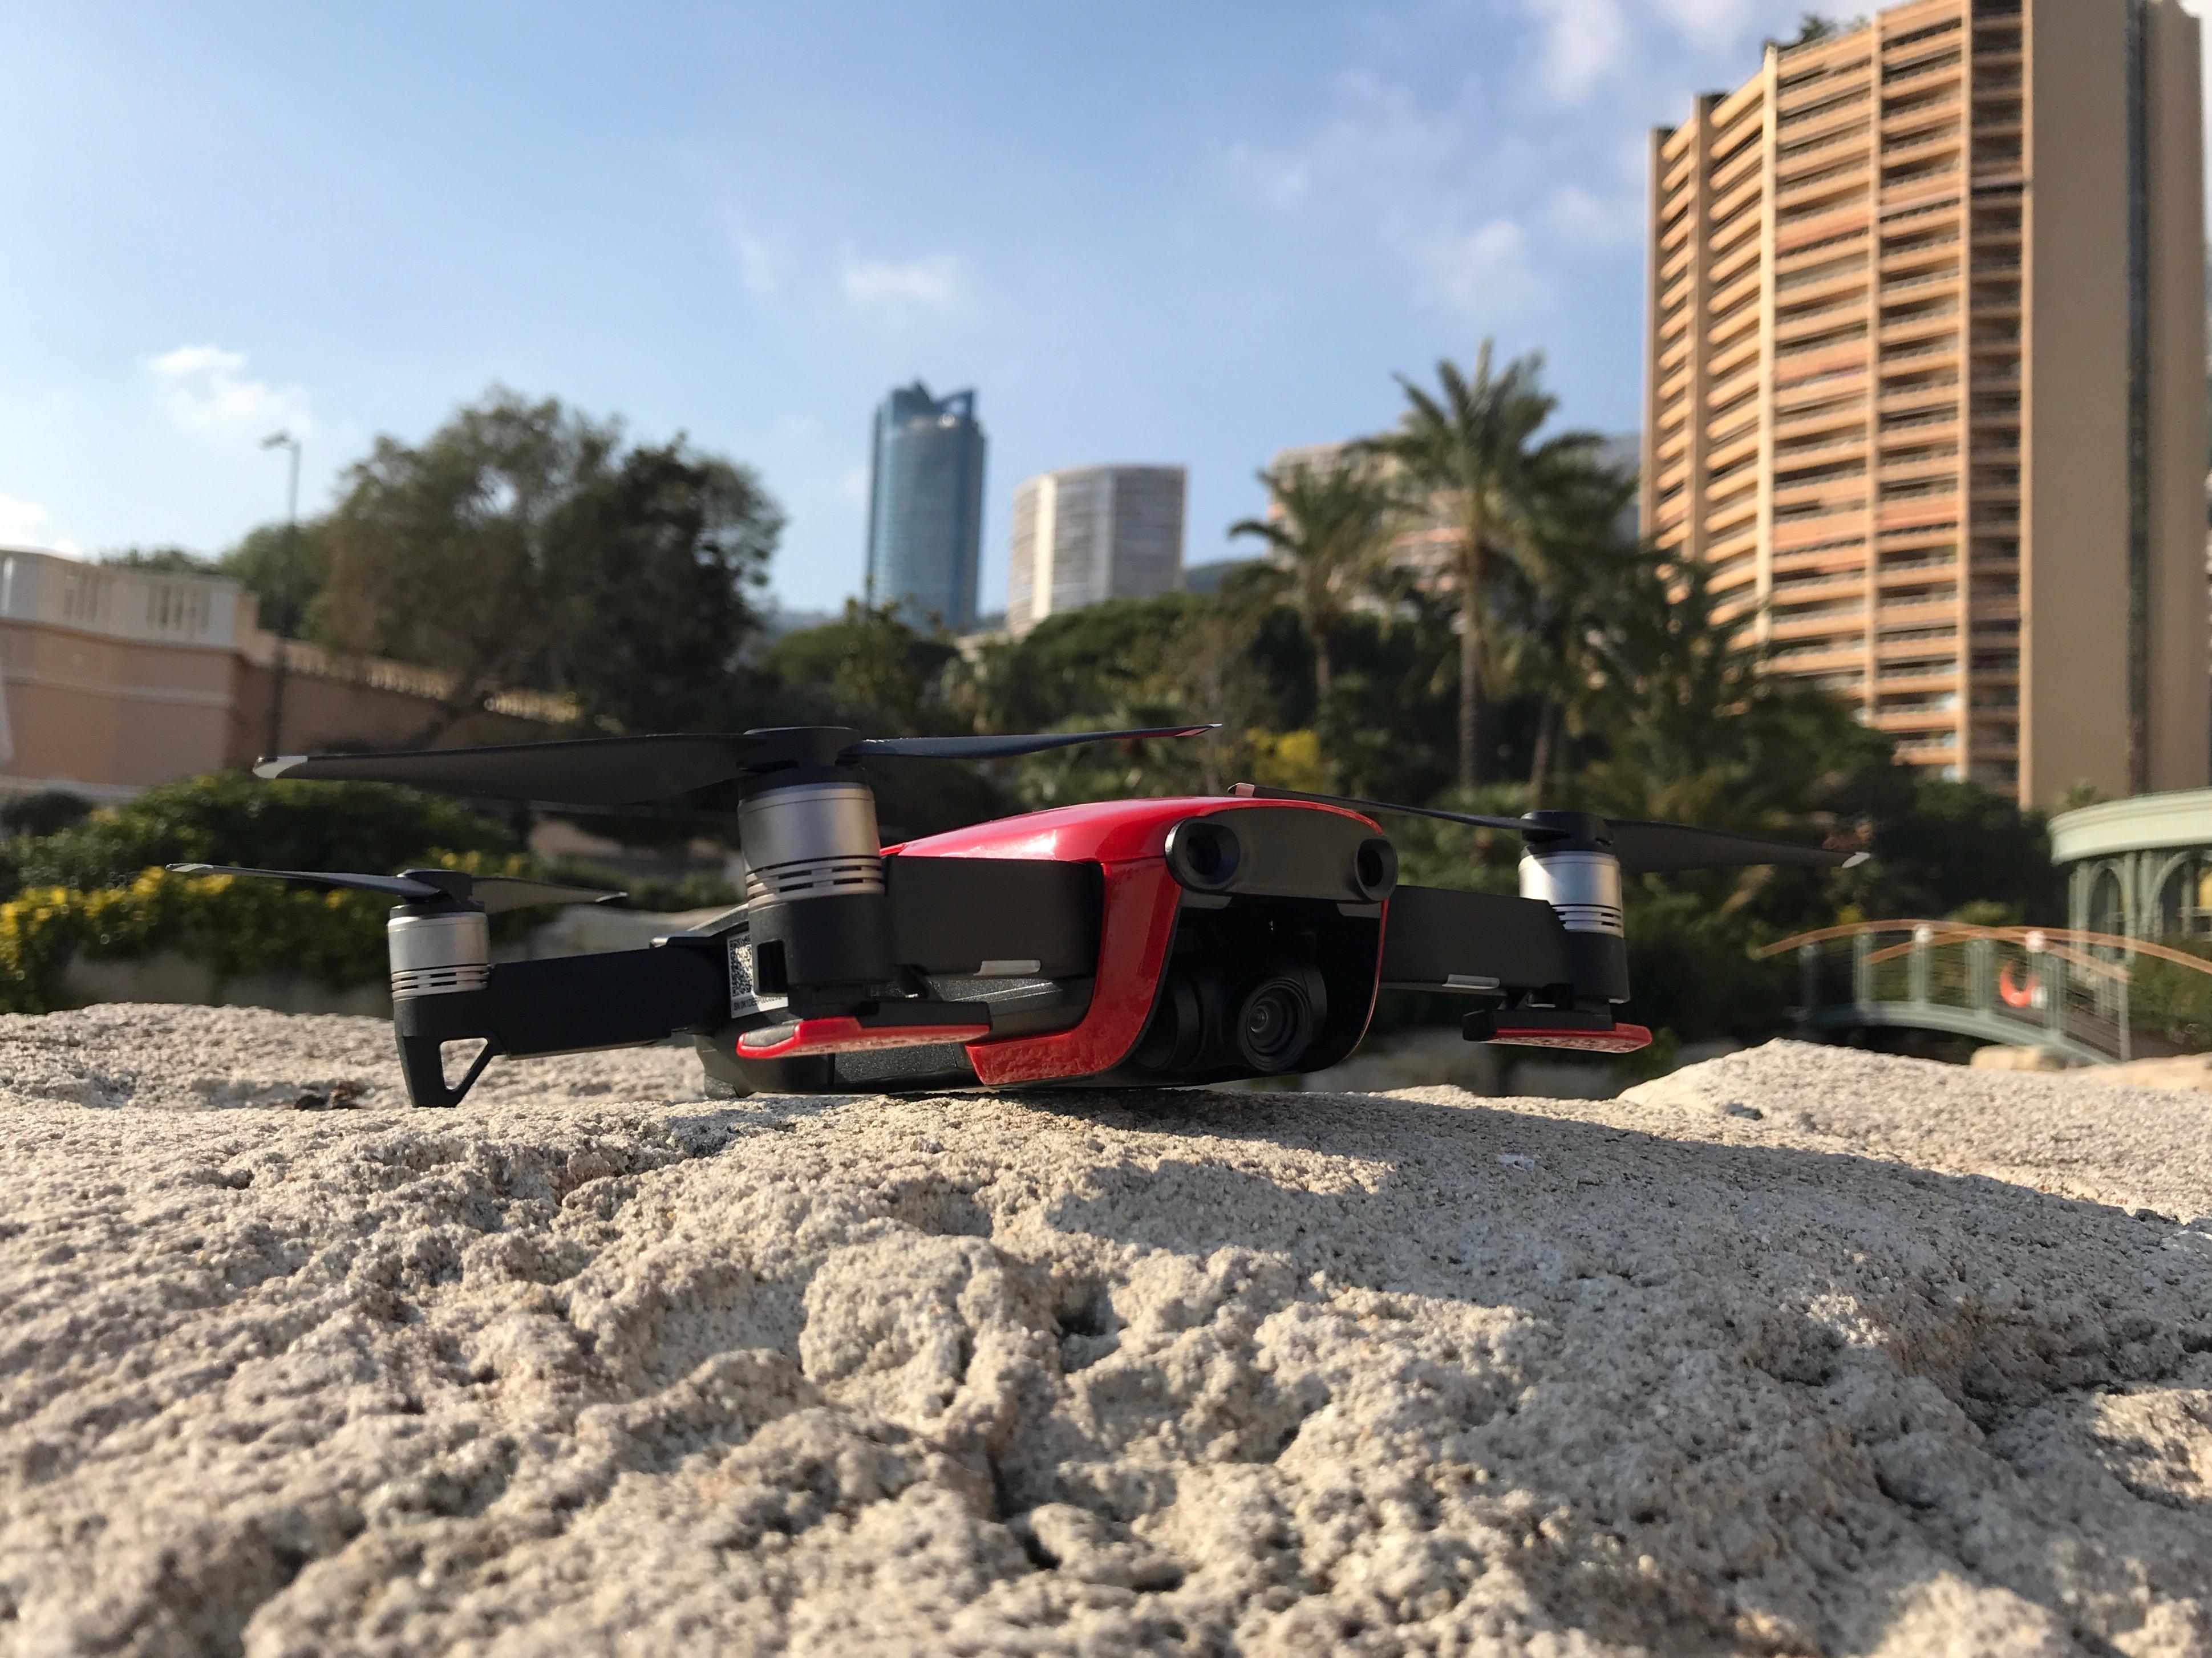 42e14711fb6 Pour vous parler de l'utilisation du Mavic Air, nous devons commencer par  vous faire un aveu : le drone que nous avons voulu mener à la baguette  s'est ...